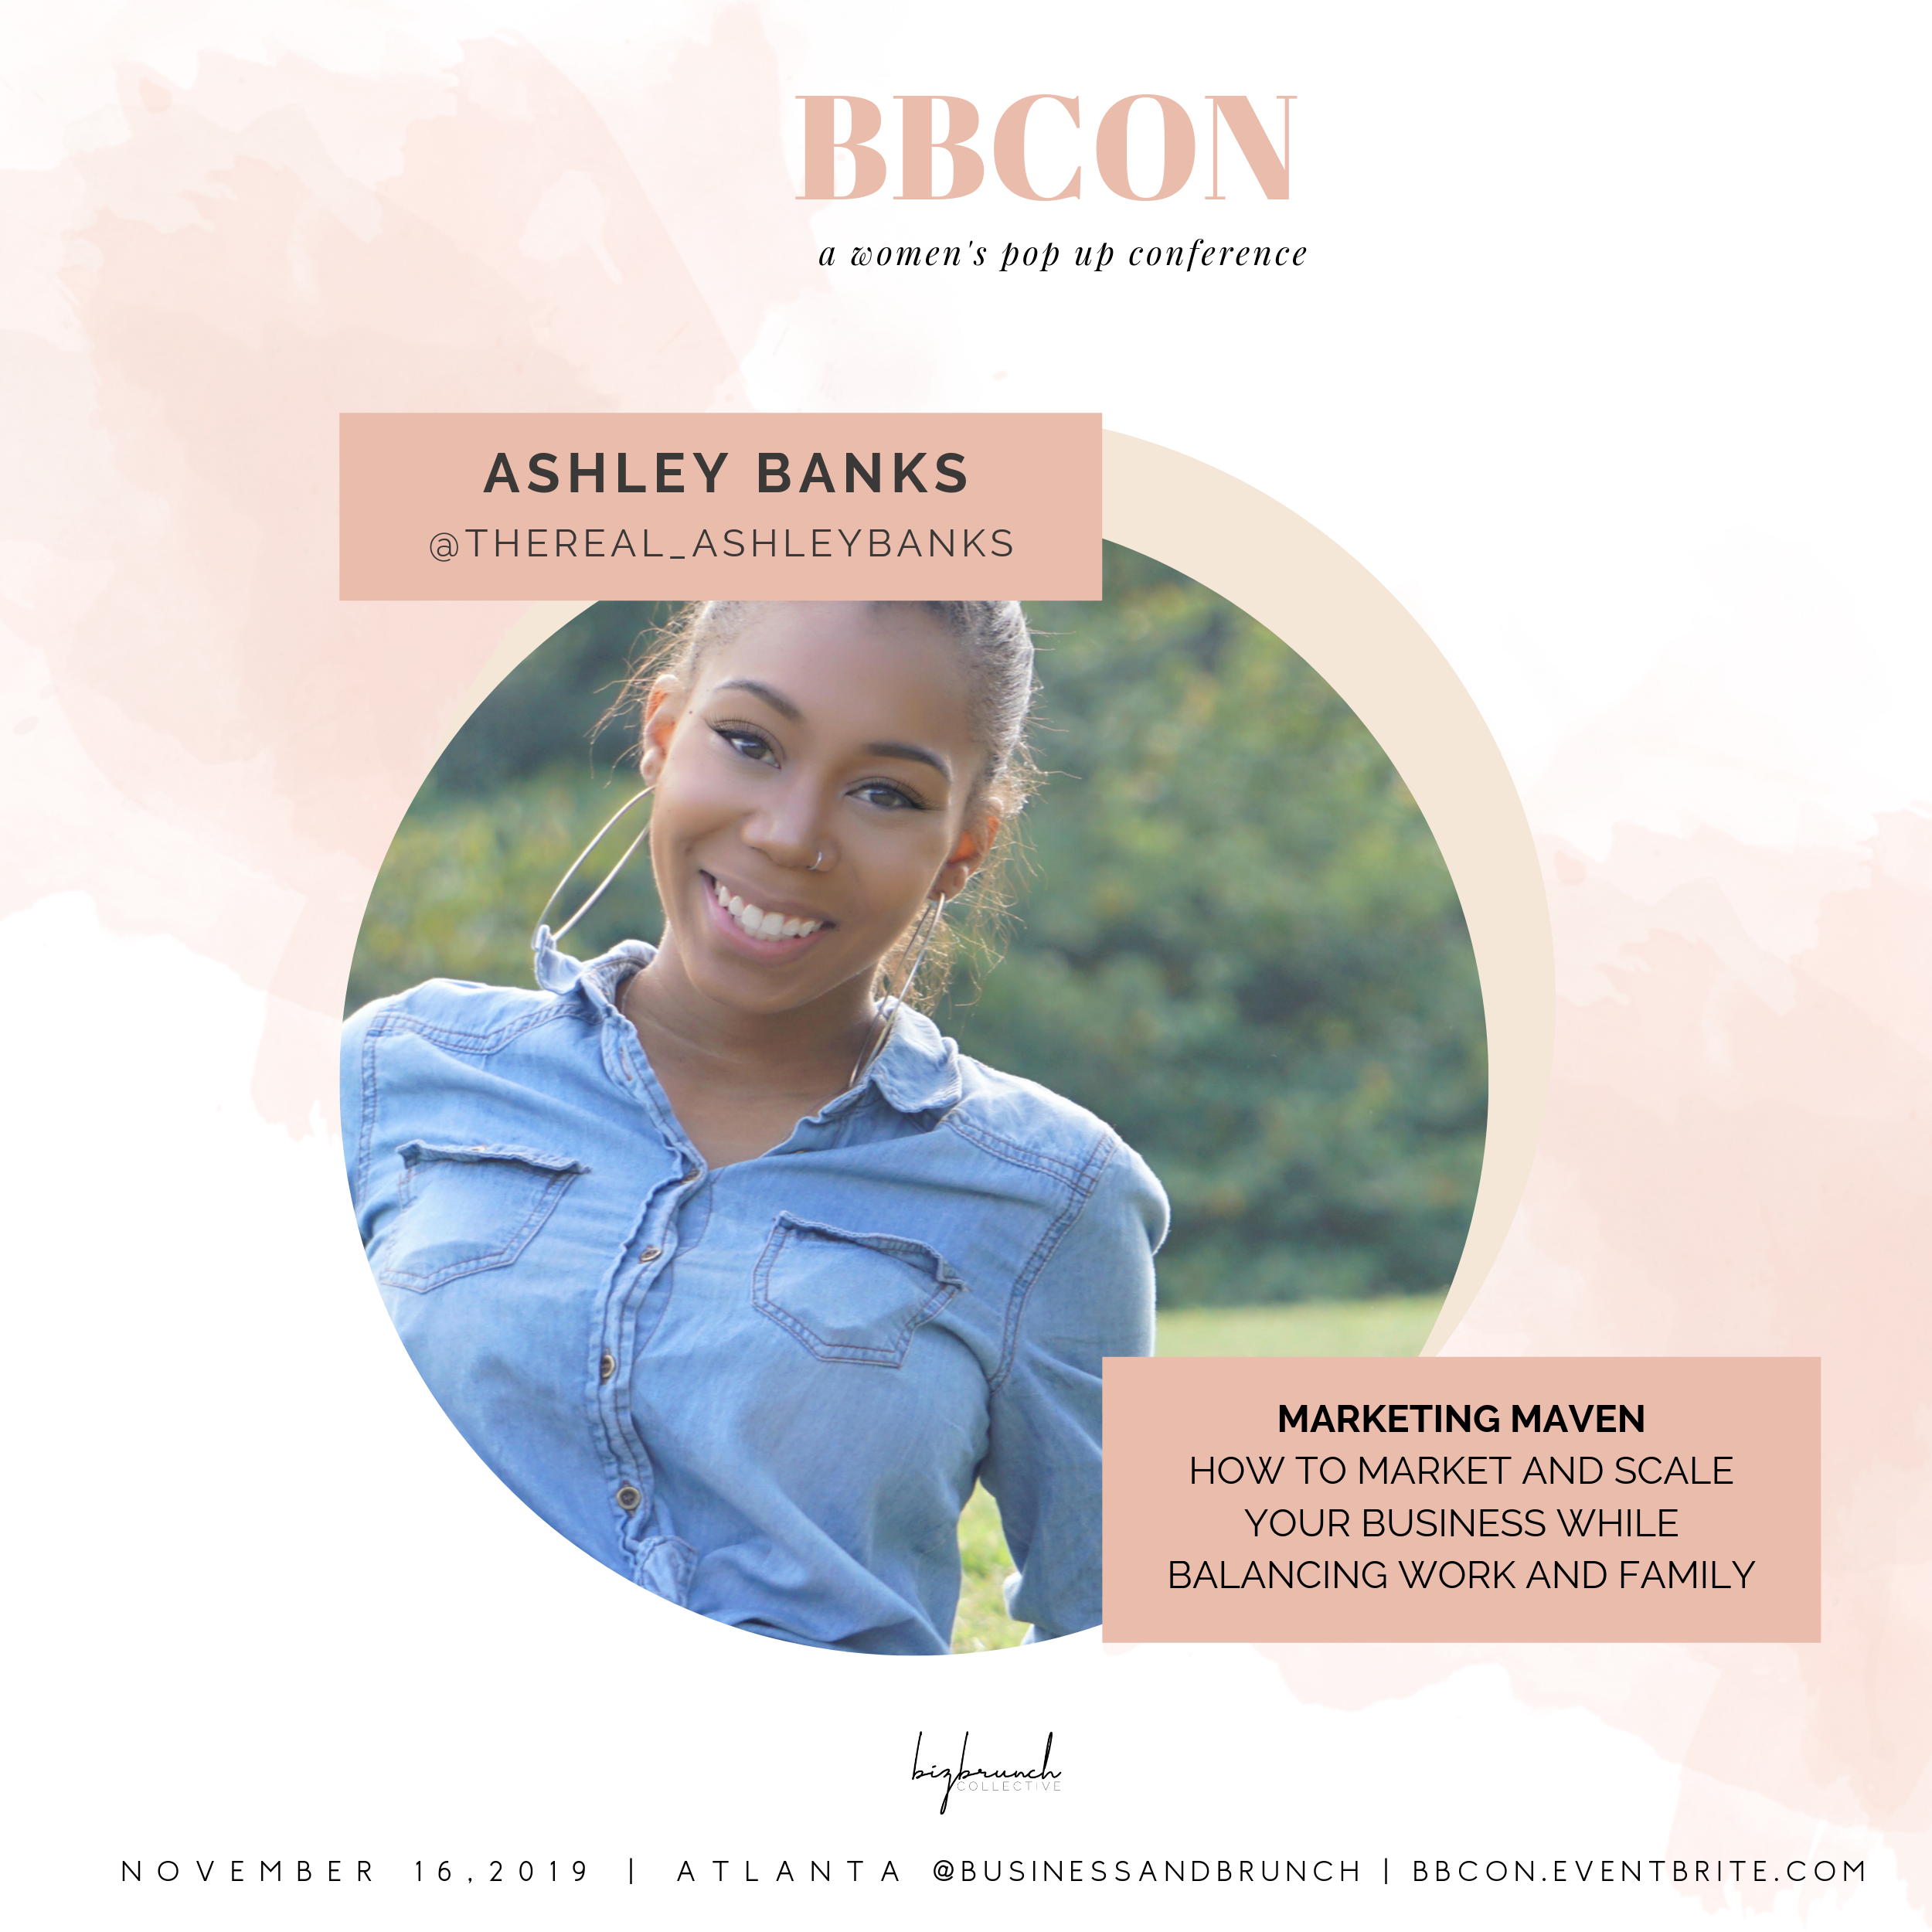 Ashley Banks at BBCON